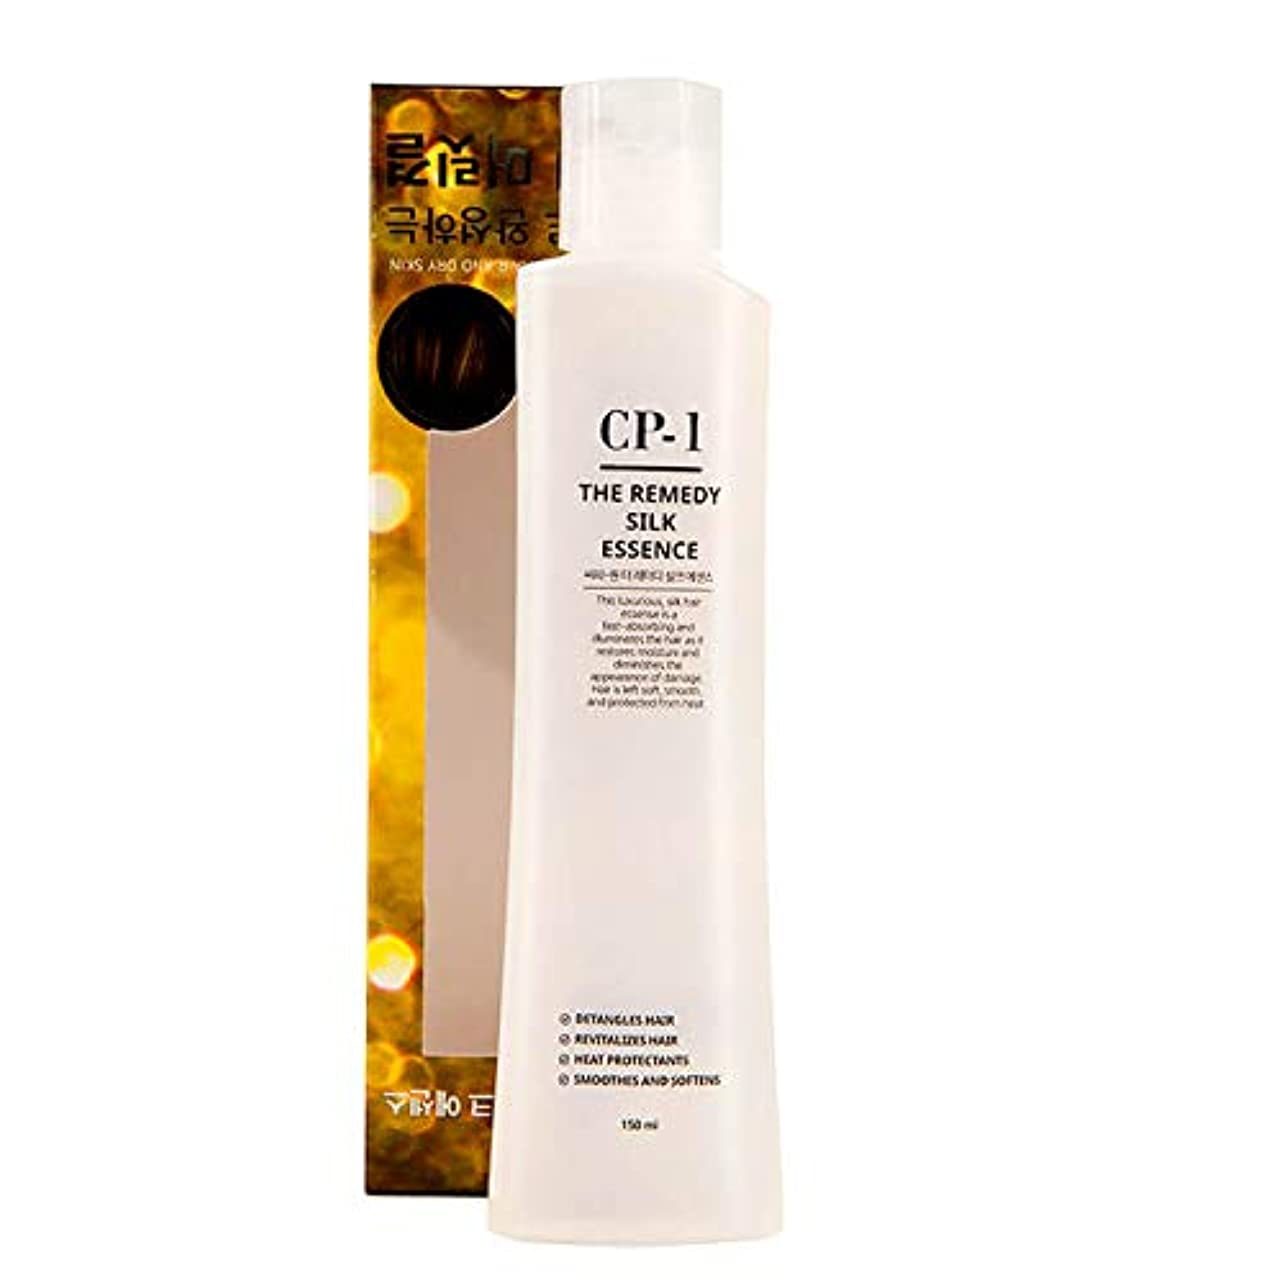 腹句読点求めるEsthetic House[エステティックハウス] CP-1 治療シルクエッセンス 150ml (傷んだ髪や乾燥肌の韓国のヘアケアに) / The Remedy Silk Essence